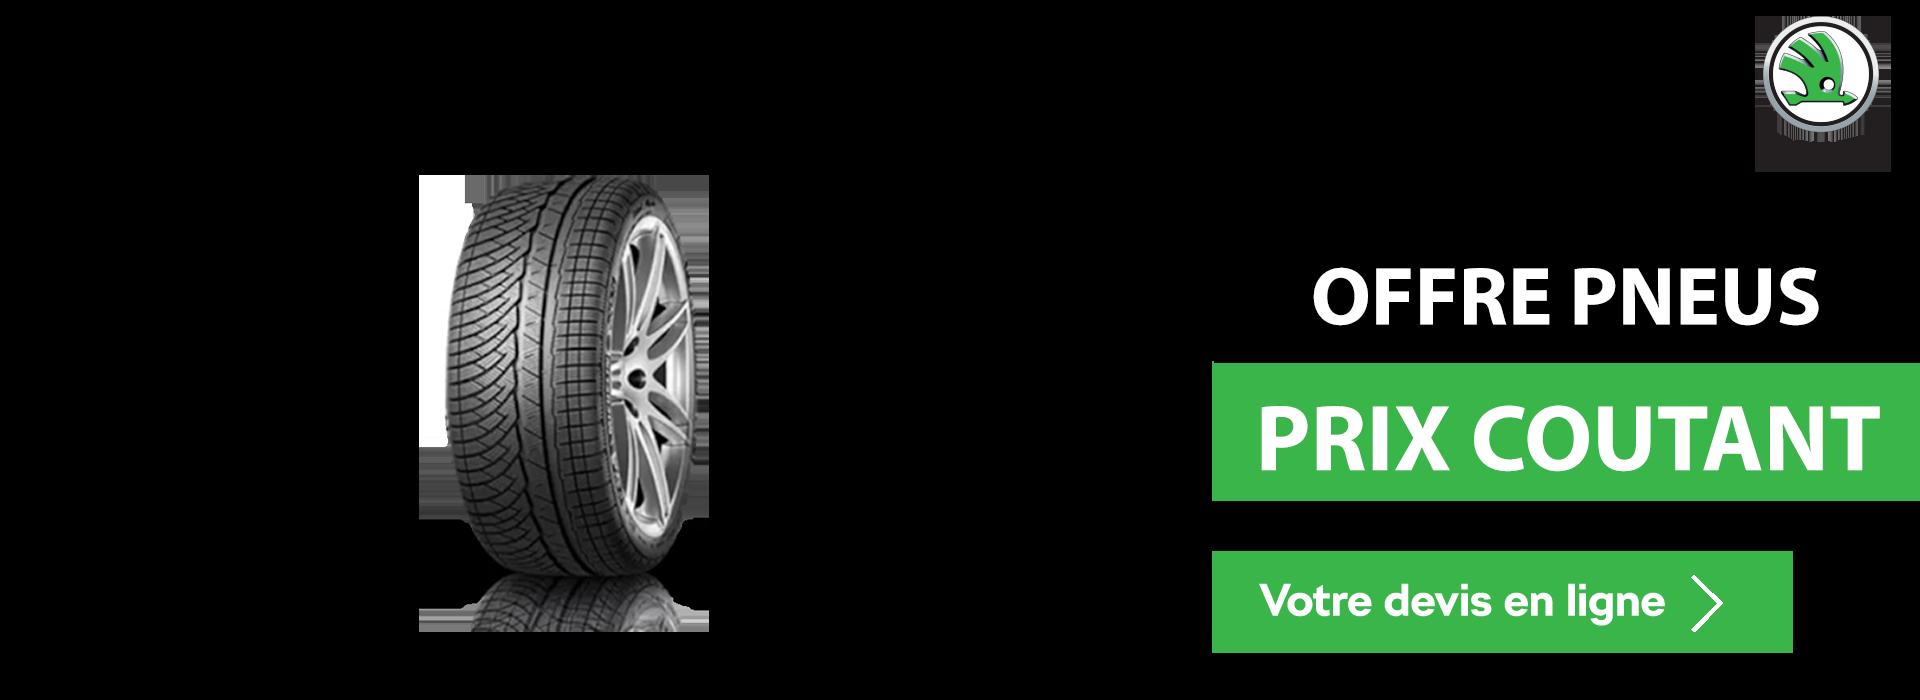 Bannière pneus prix coutant Skoda laval